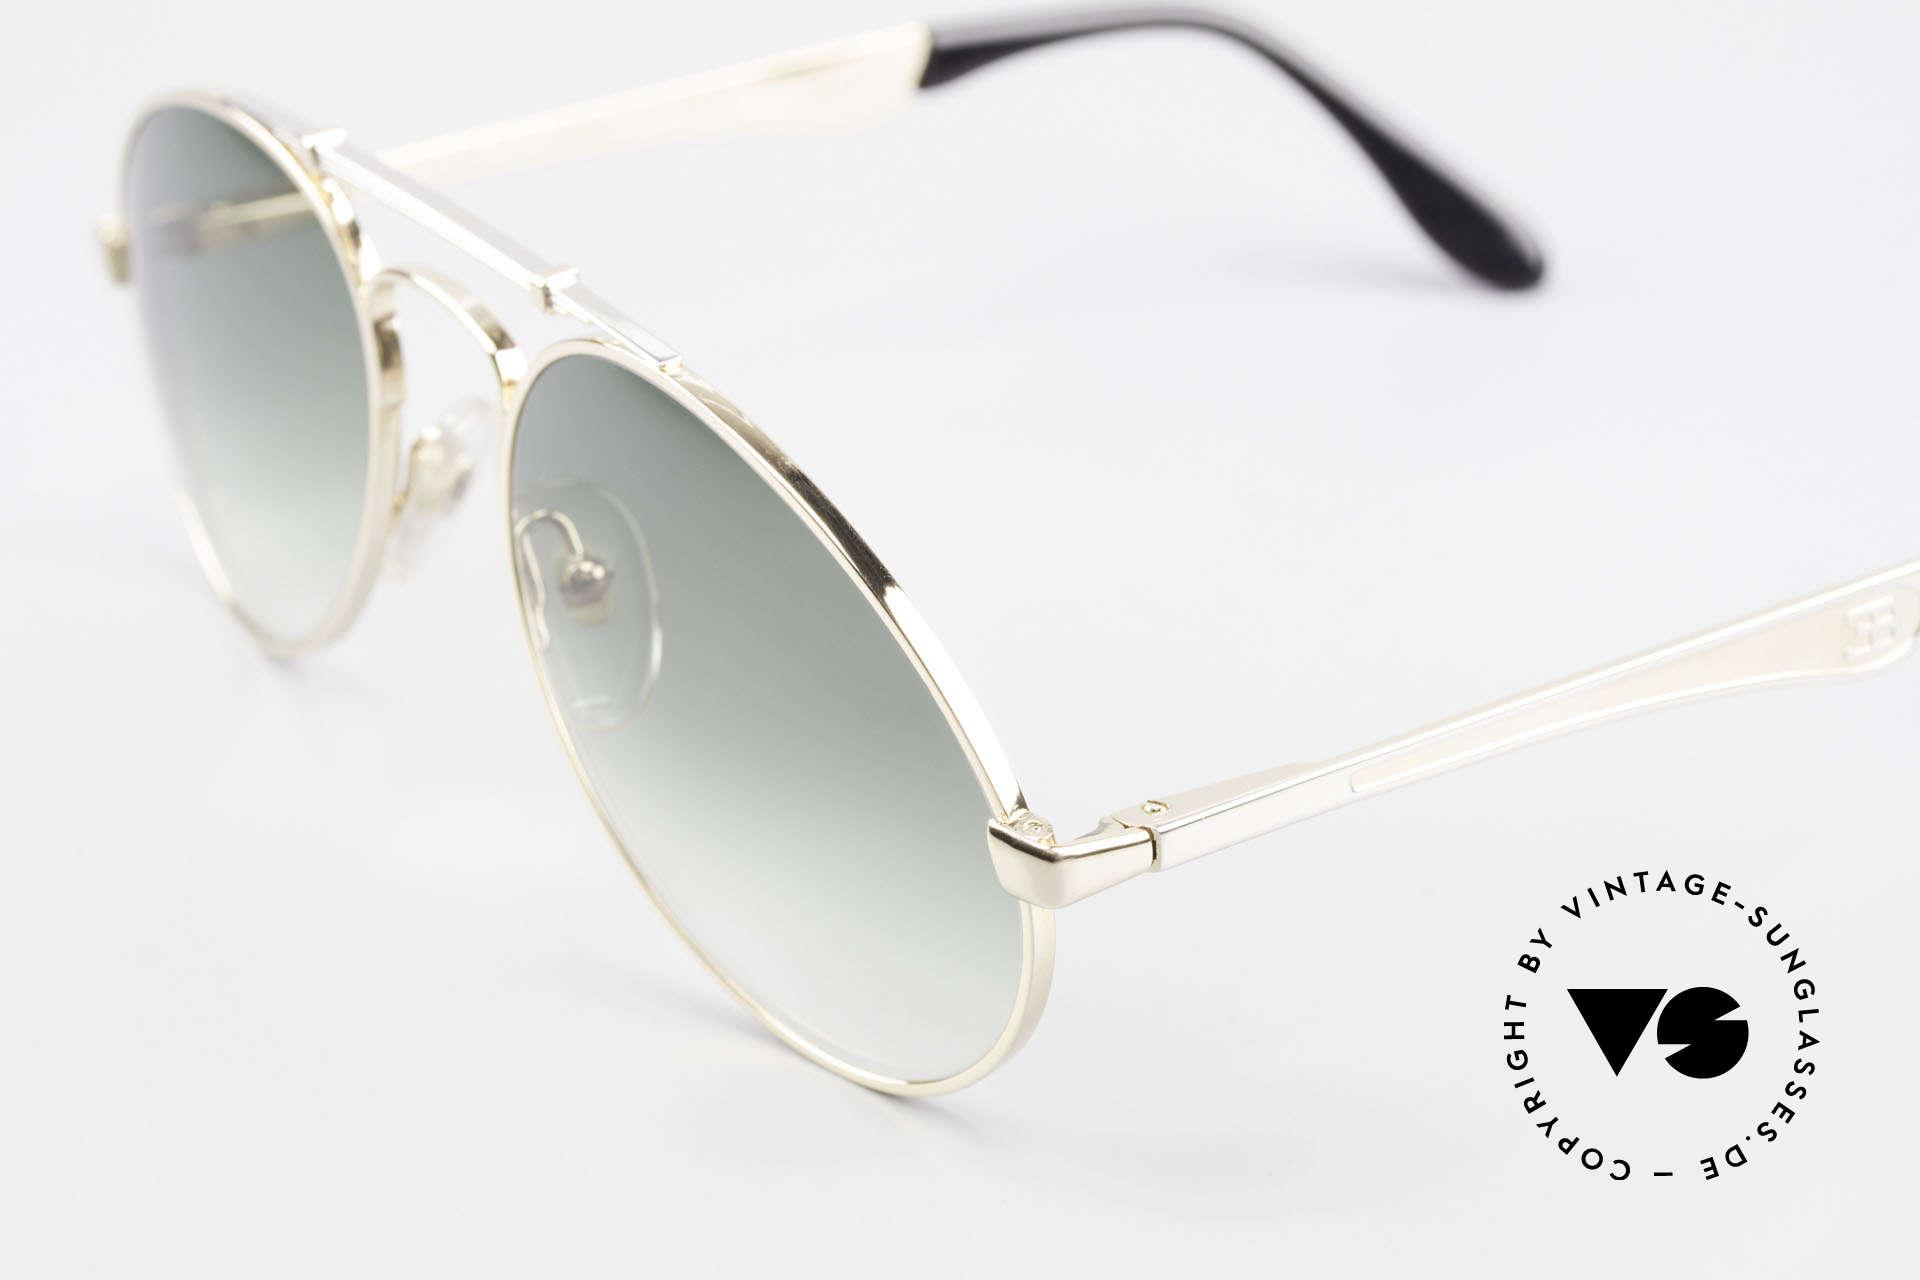 Bugatti 11908 Large 80er Luxus Sonnenbrille, ungetragenes, sehr sehr edles Modell inkl. Etui, Passend für Herren